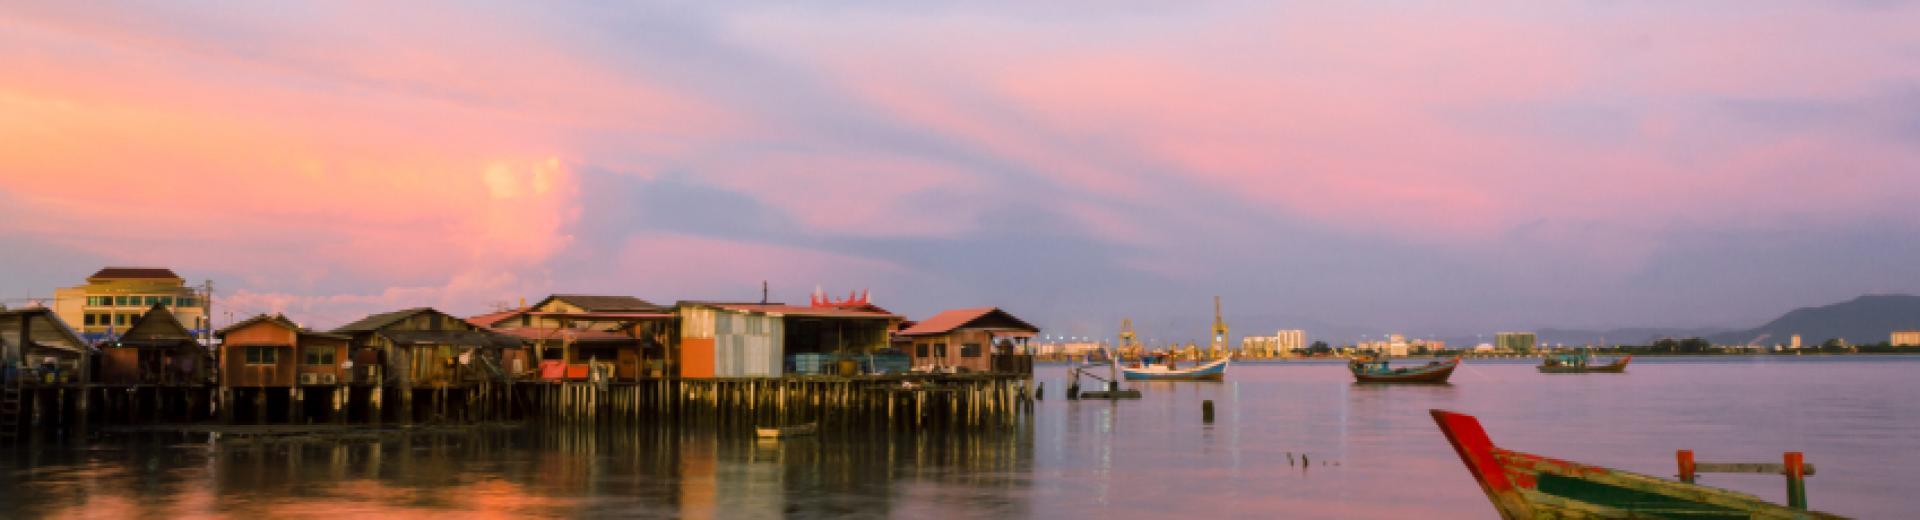 Georgetown penang island